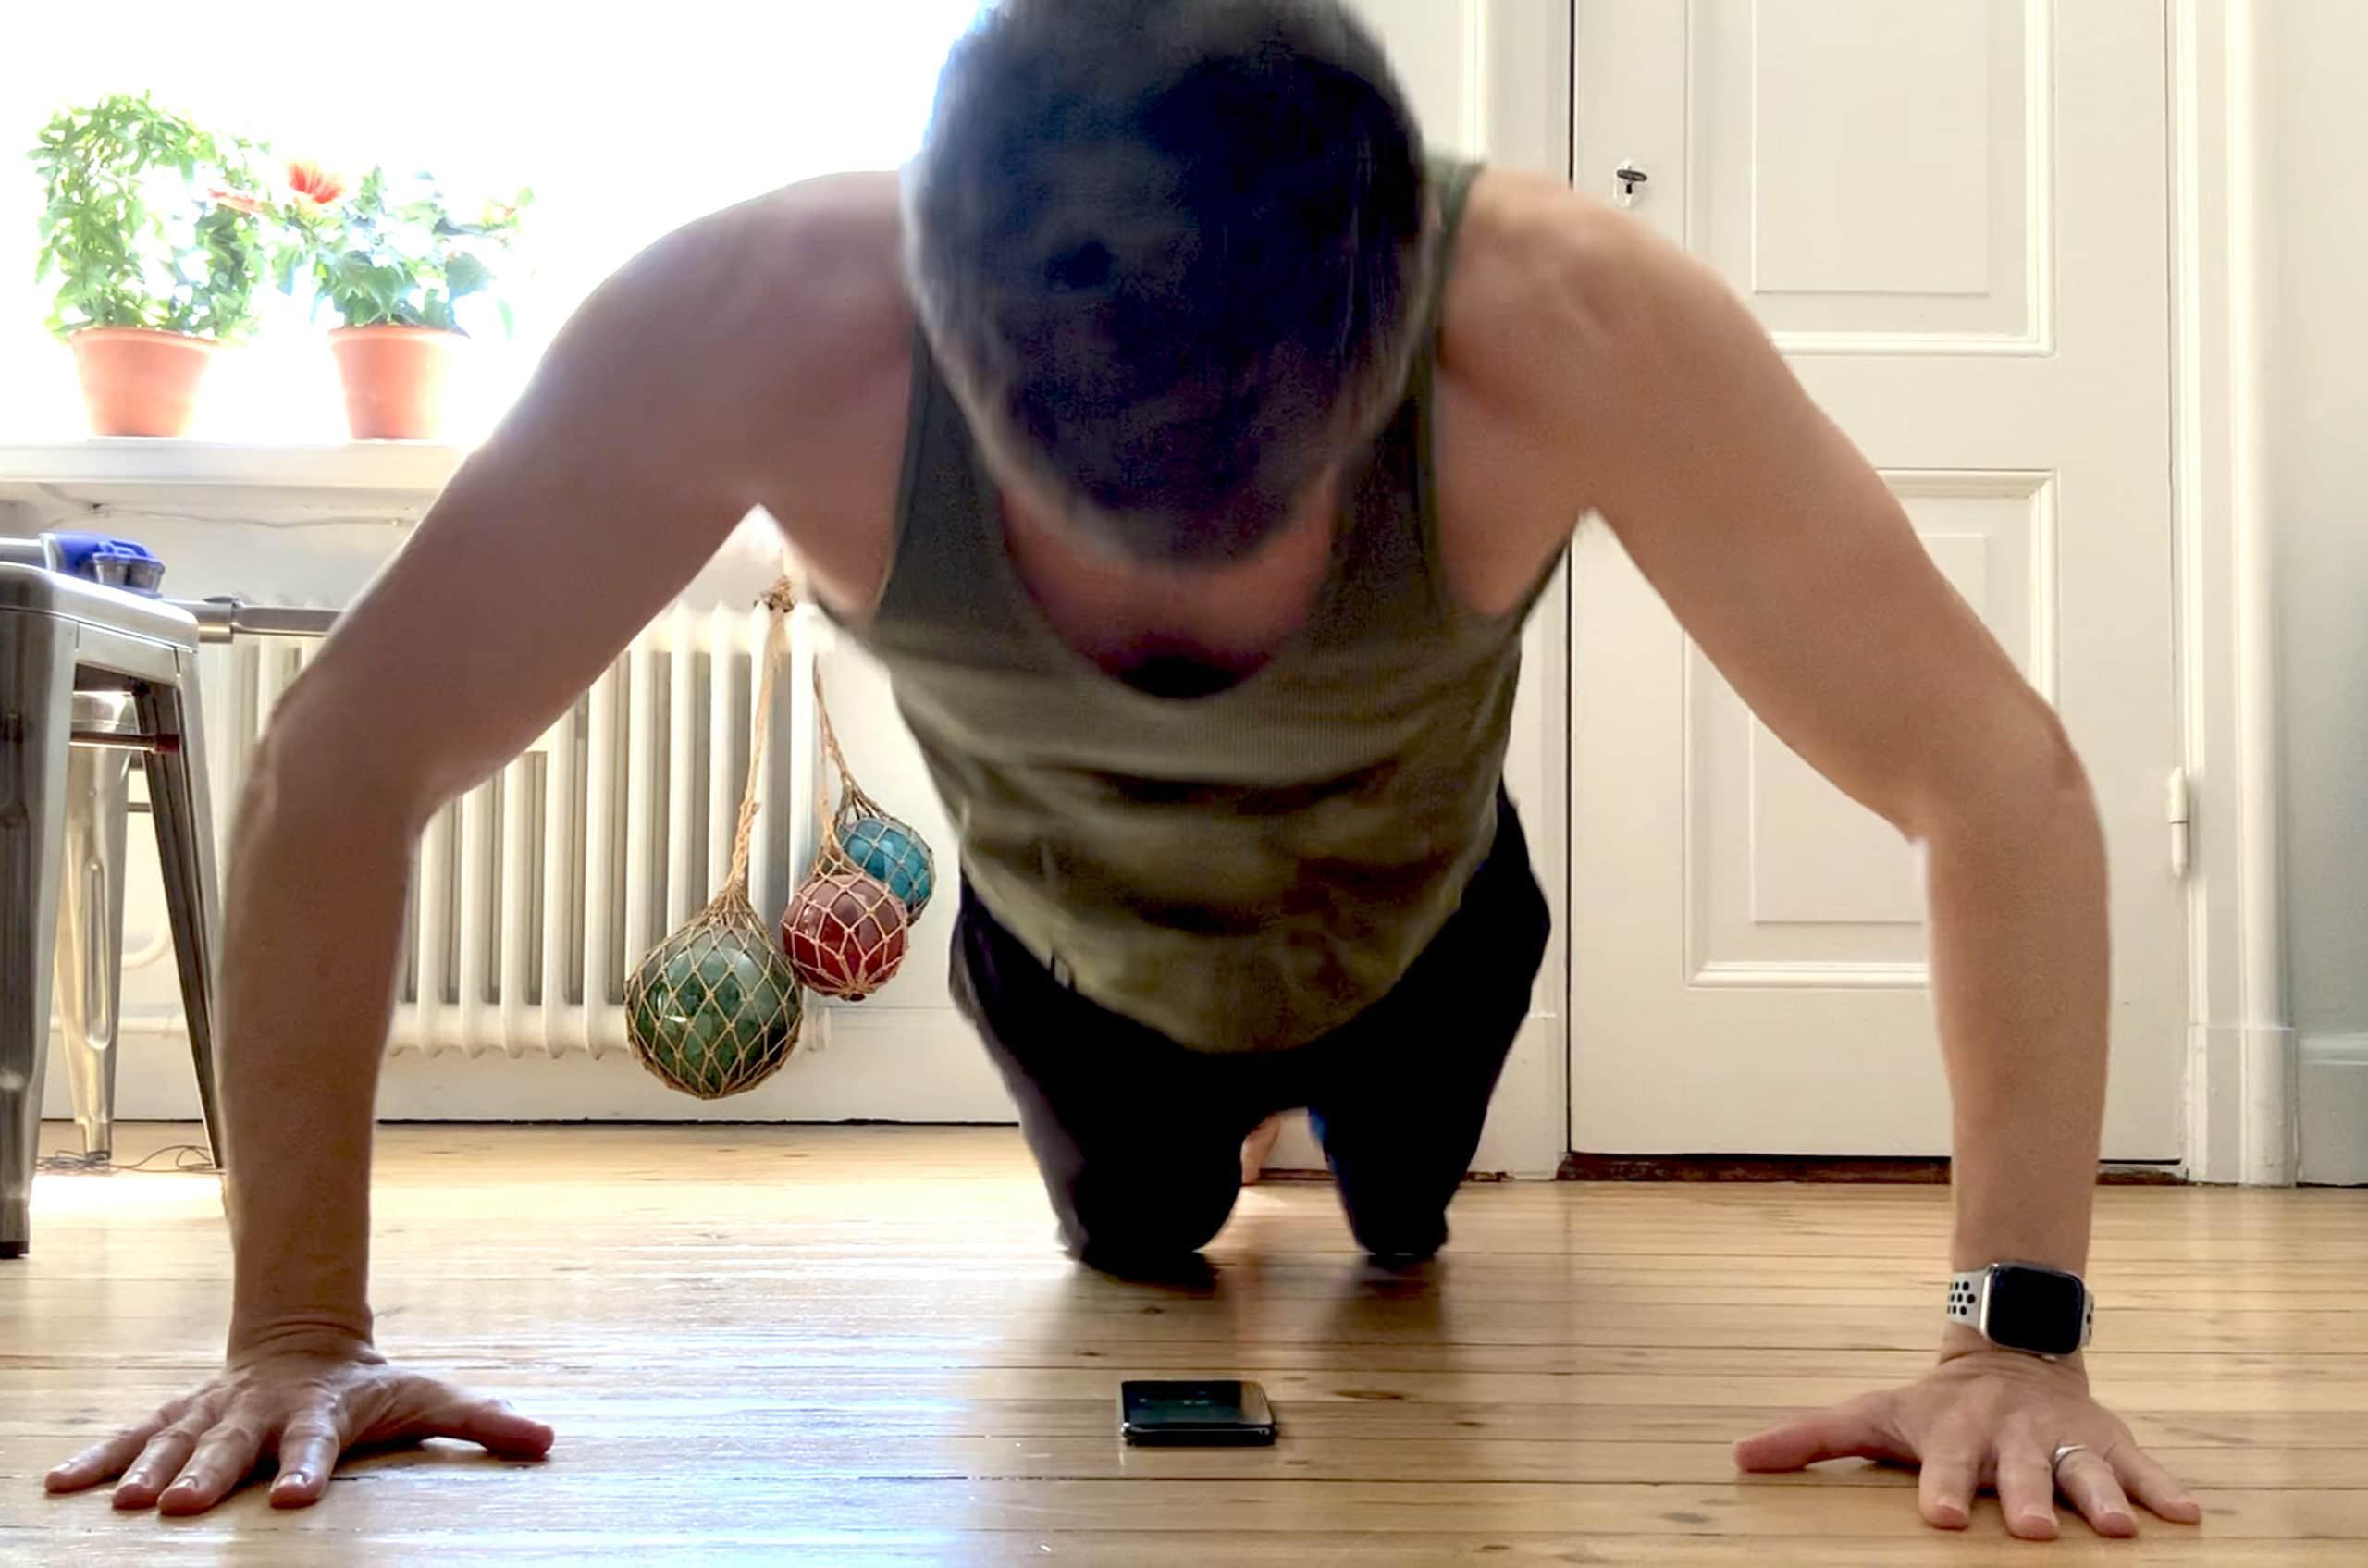 Letakkan iPhone Anda di bawah dada Anda dan aplikasi pintar 22 Pushup menghitung replay Anda secara otomatis.